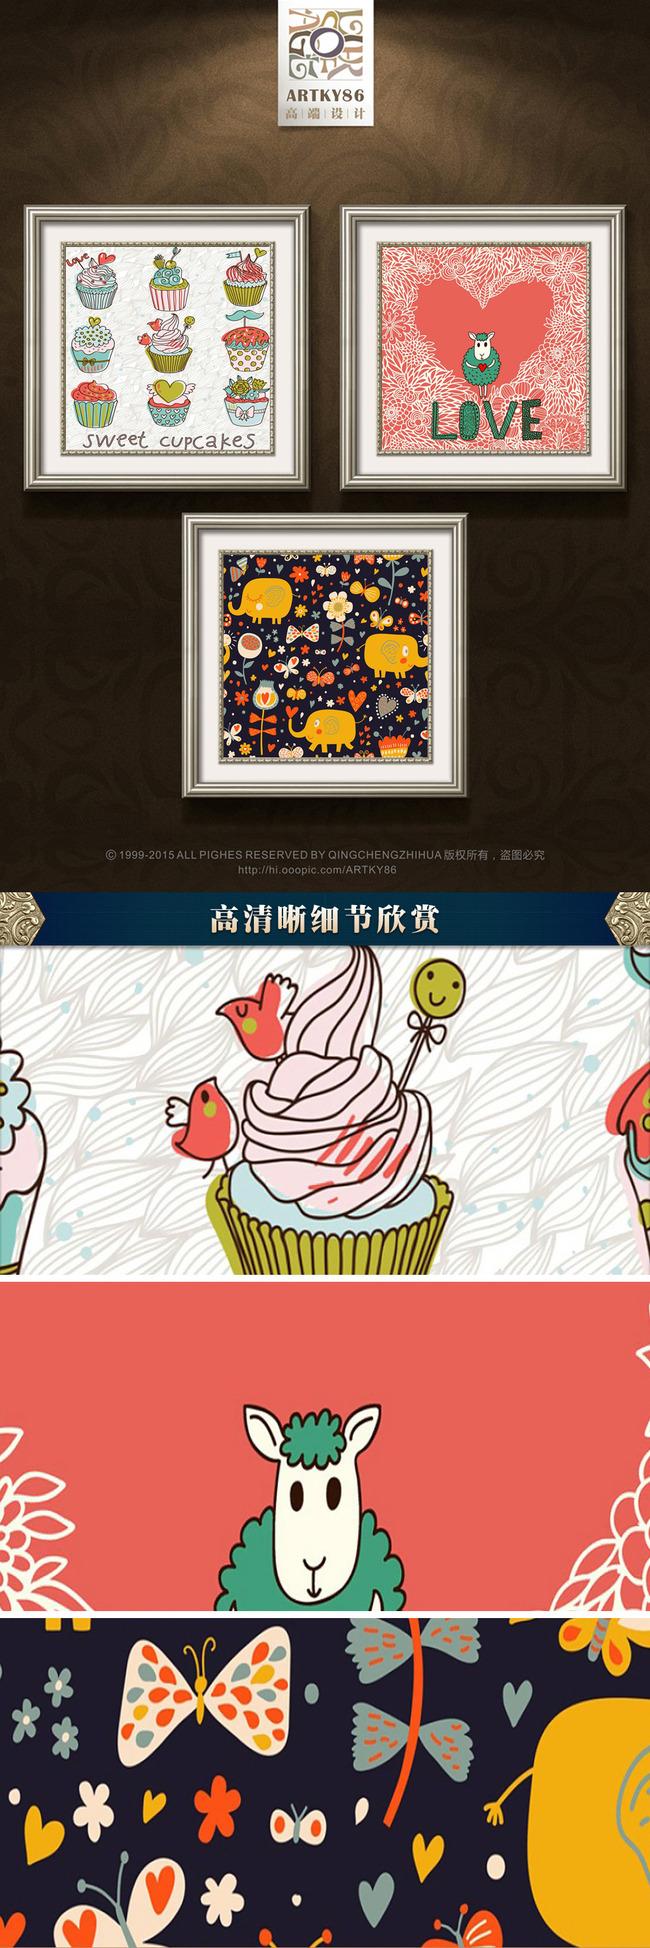 可爱卡通五彩蛋糕面包心形英文动物儿童油画